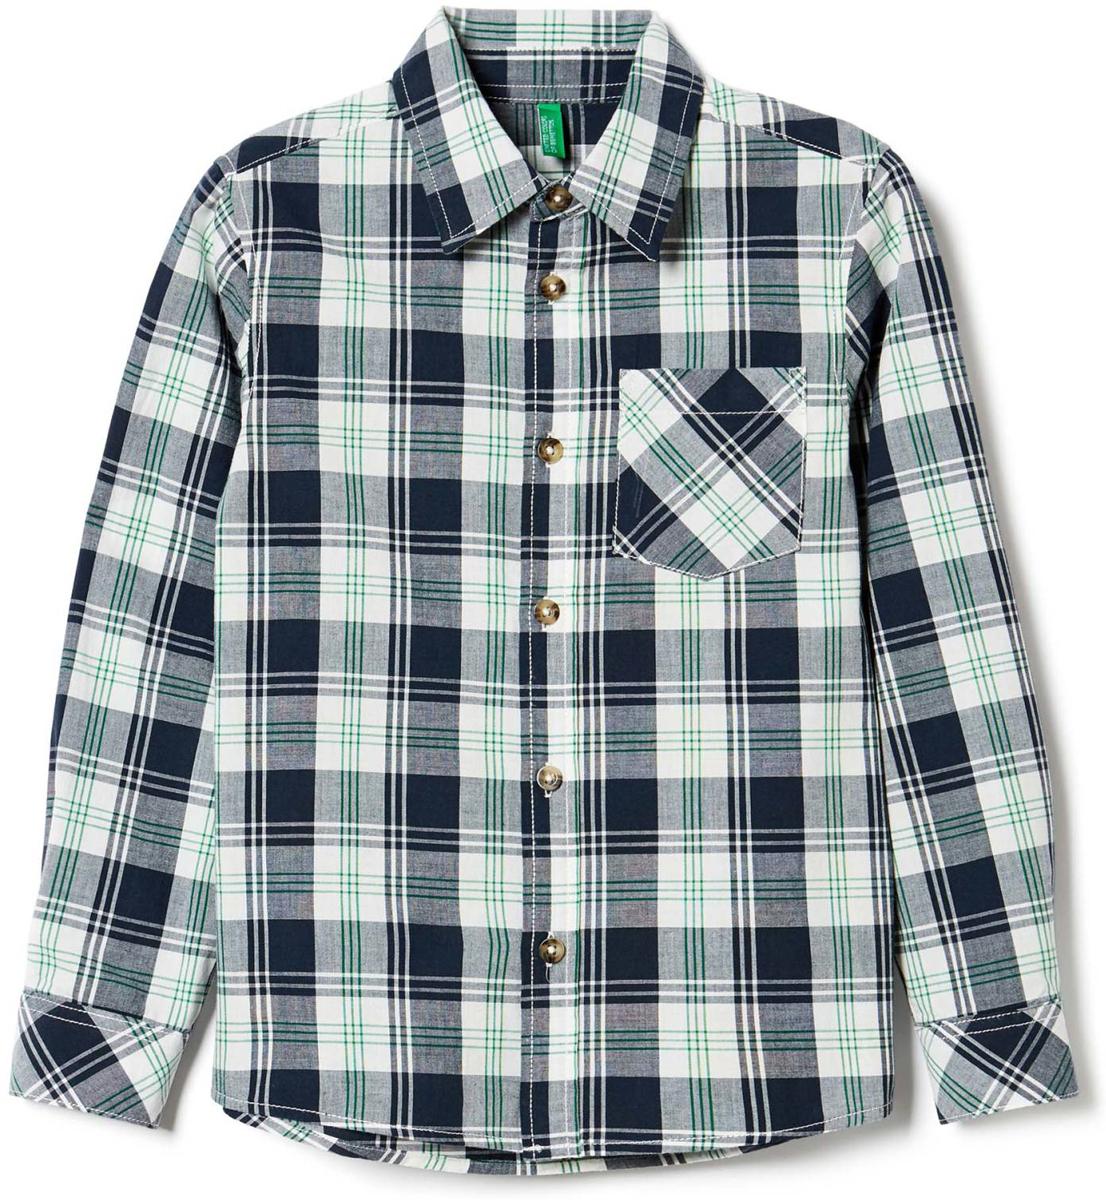 Рубашка для мальчиков United Colors of Benetton, цвет: клетка. 5FU95Q930_926. Размер 120